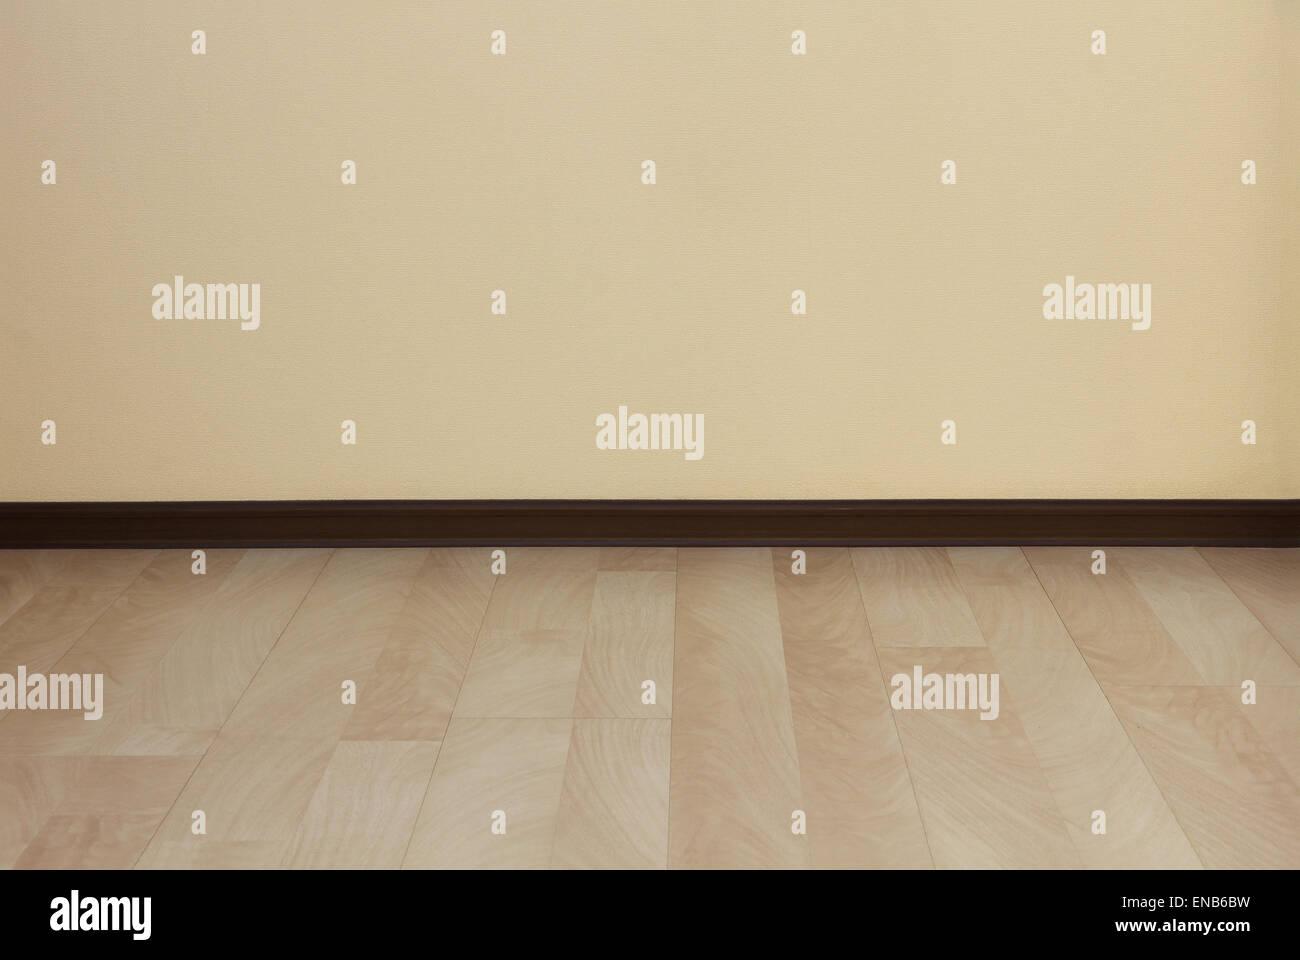 Reinigen Sie Wand Und Laminatboden Als Hintergrund.